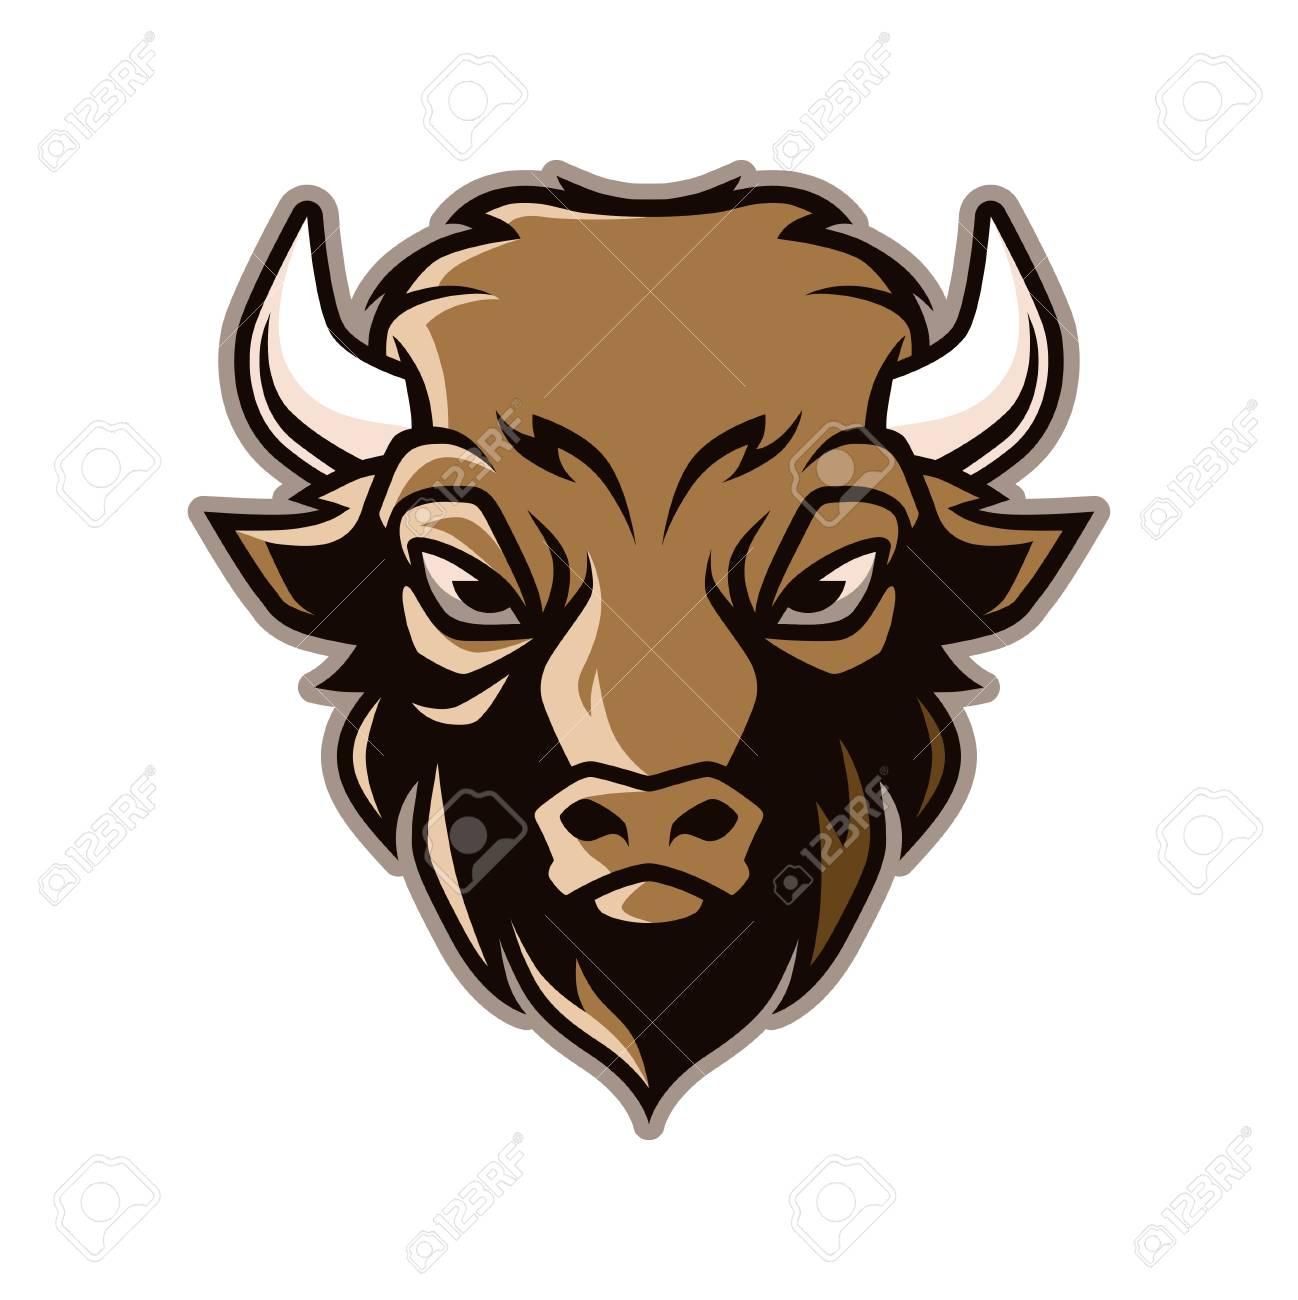 Bison Tête Mascotte Vecteur